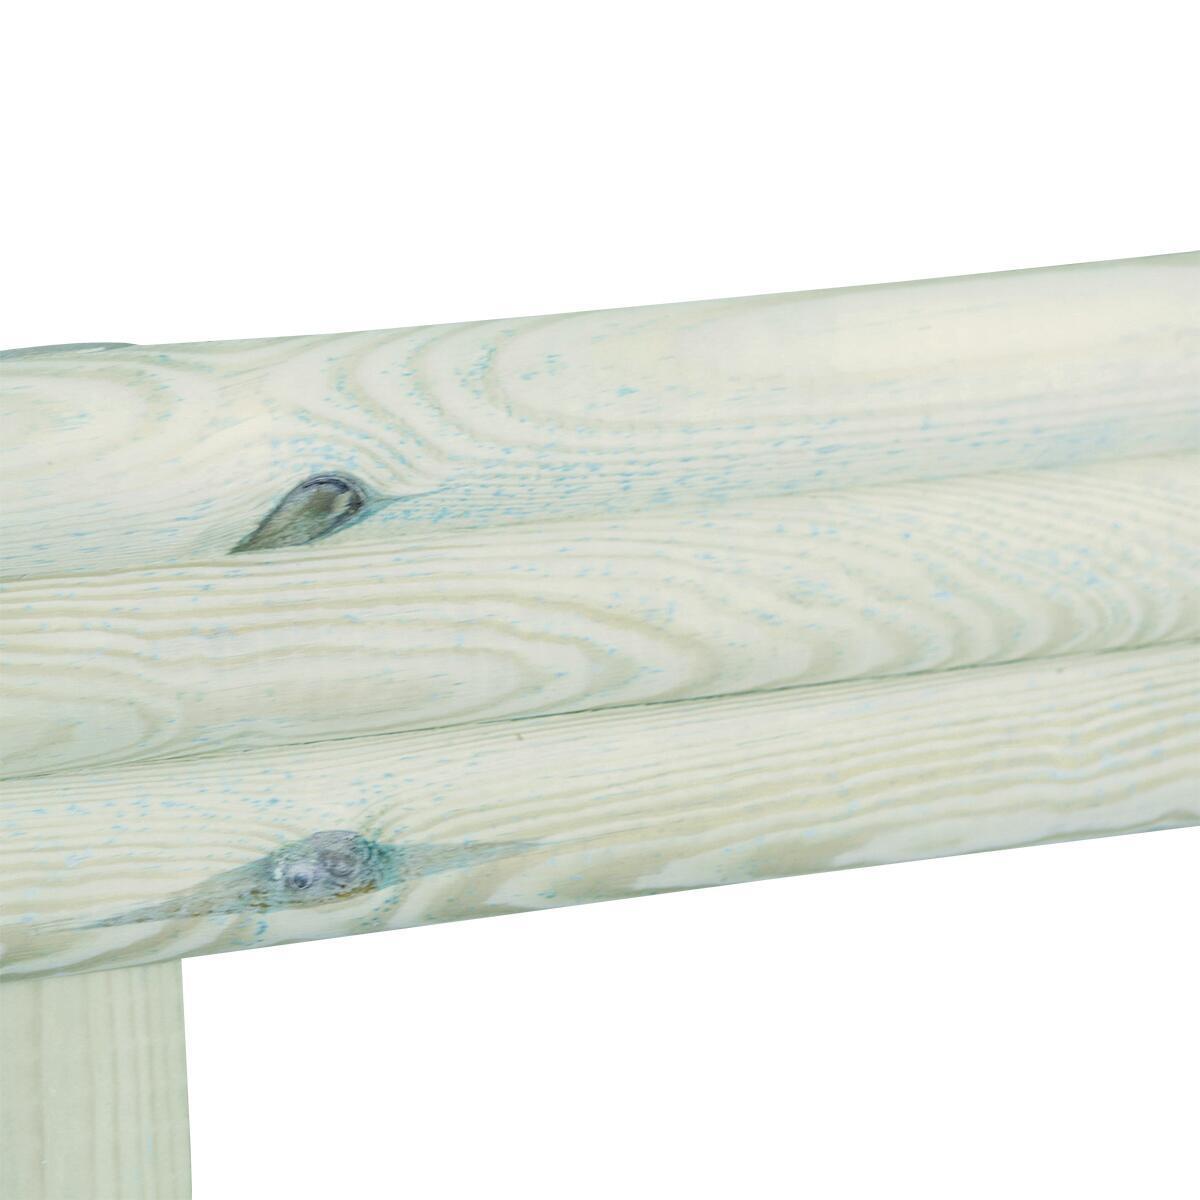 Bordo in legno L 55 x H 30 cm Sp 2.8 cm - 2